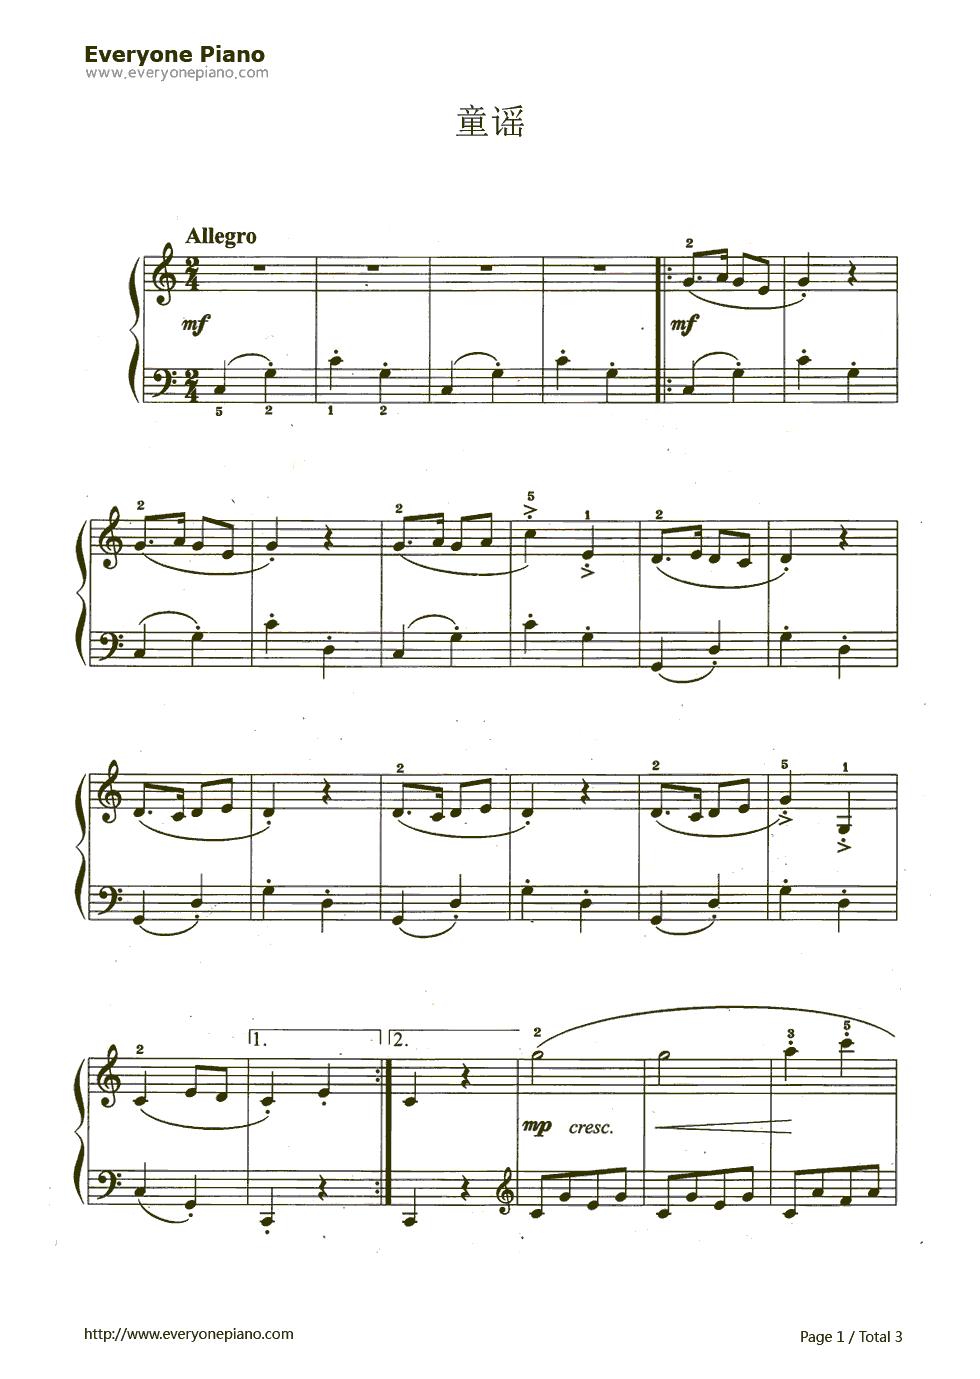 钢琴曲谱 儿歌 童谣 童谣五线谱预览1  }  仅供学习交流使用!